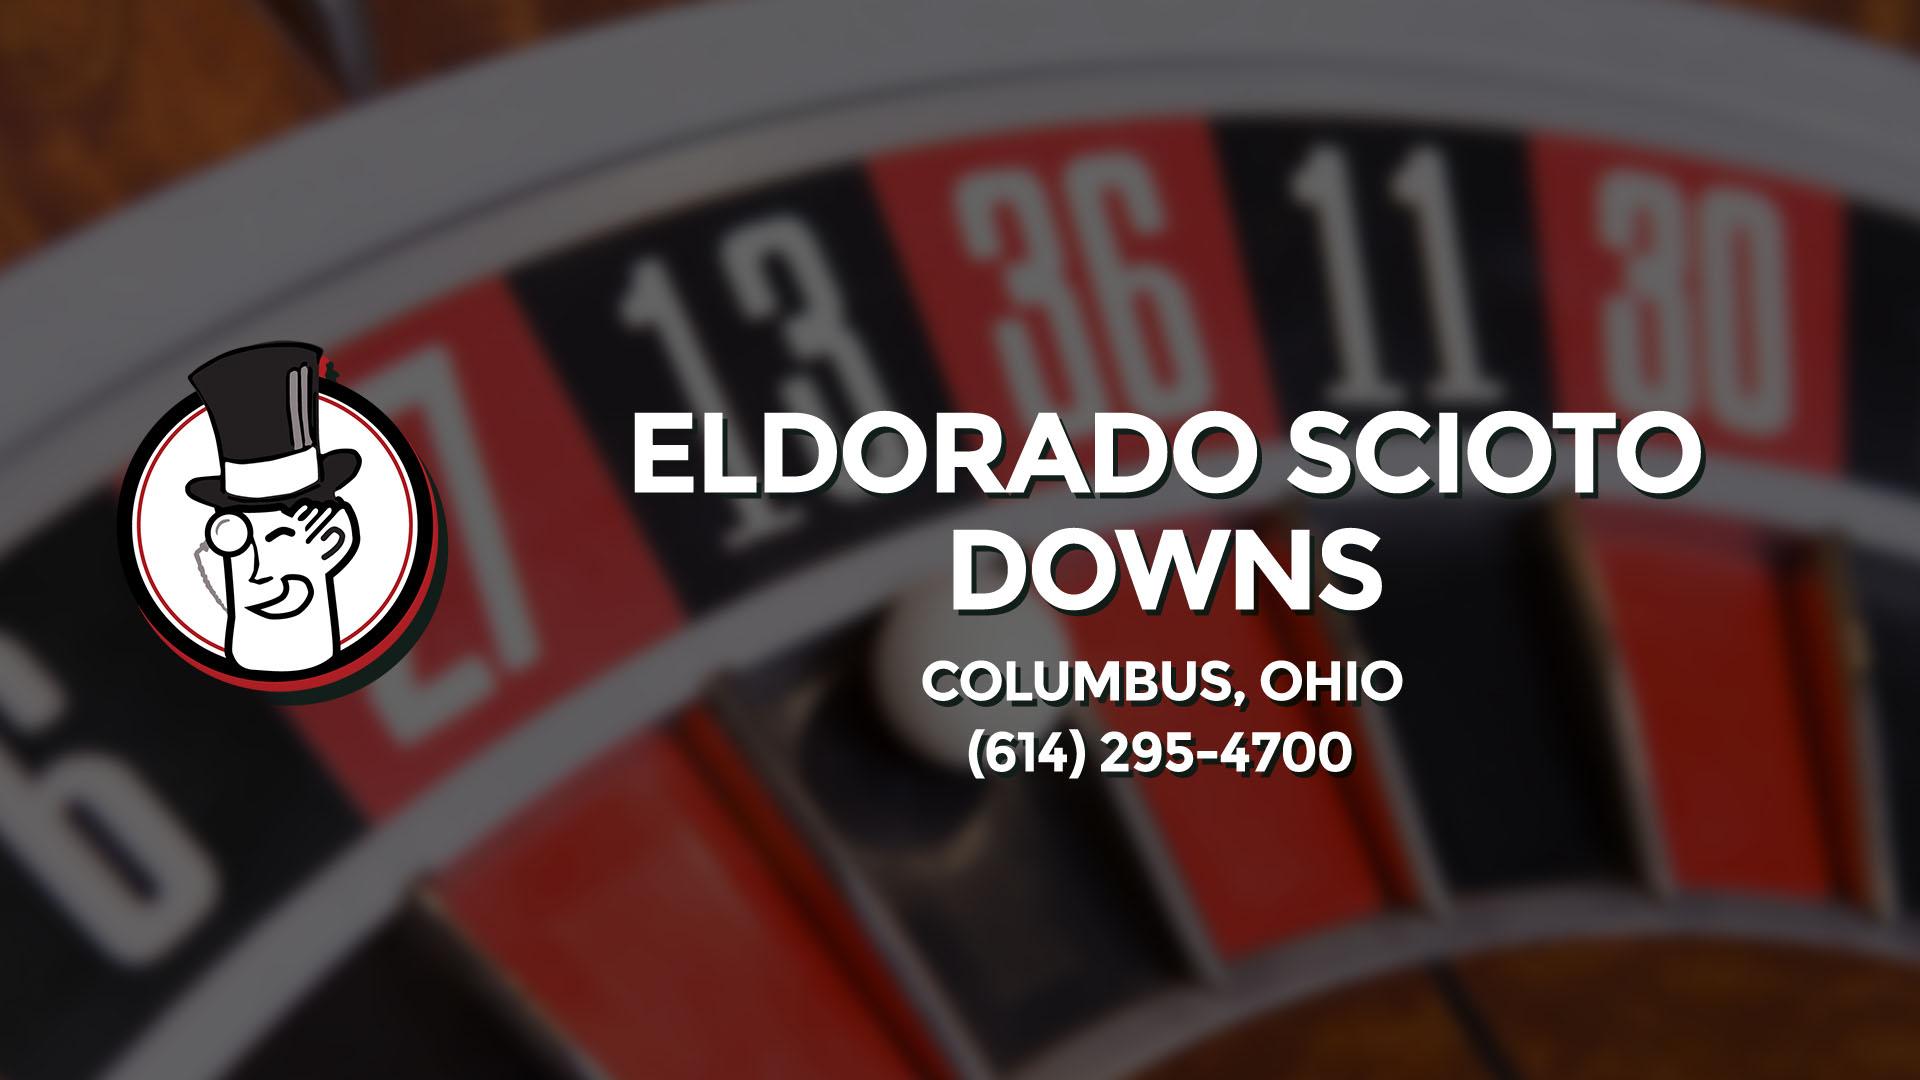 ELDORADO SCIOTO DOWNS COLUMBUS OH